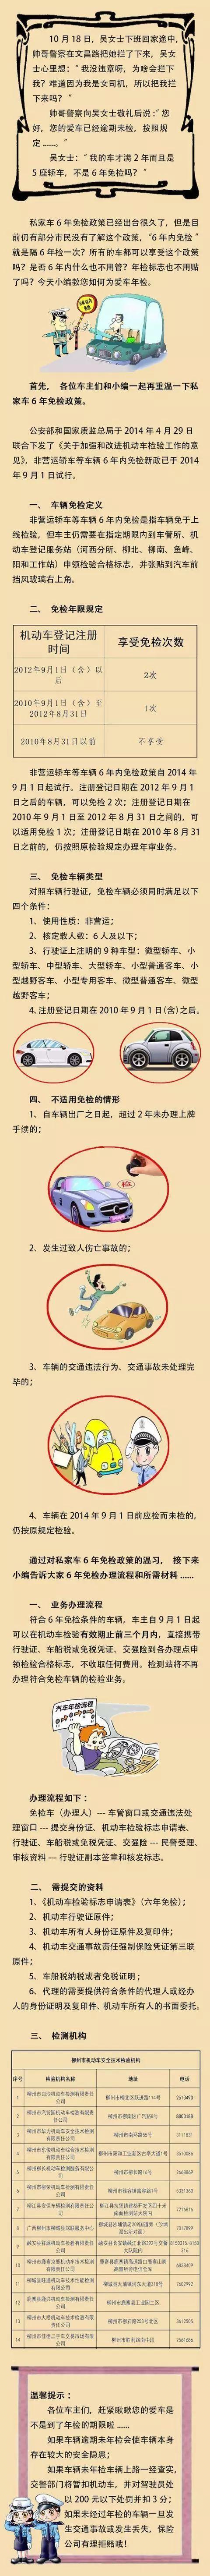 """文昌路一幕:""""我没违章,为啥拦我?难道因为我是女司机?"""""""